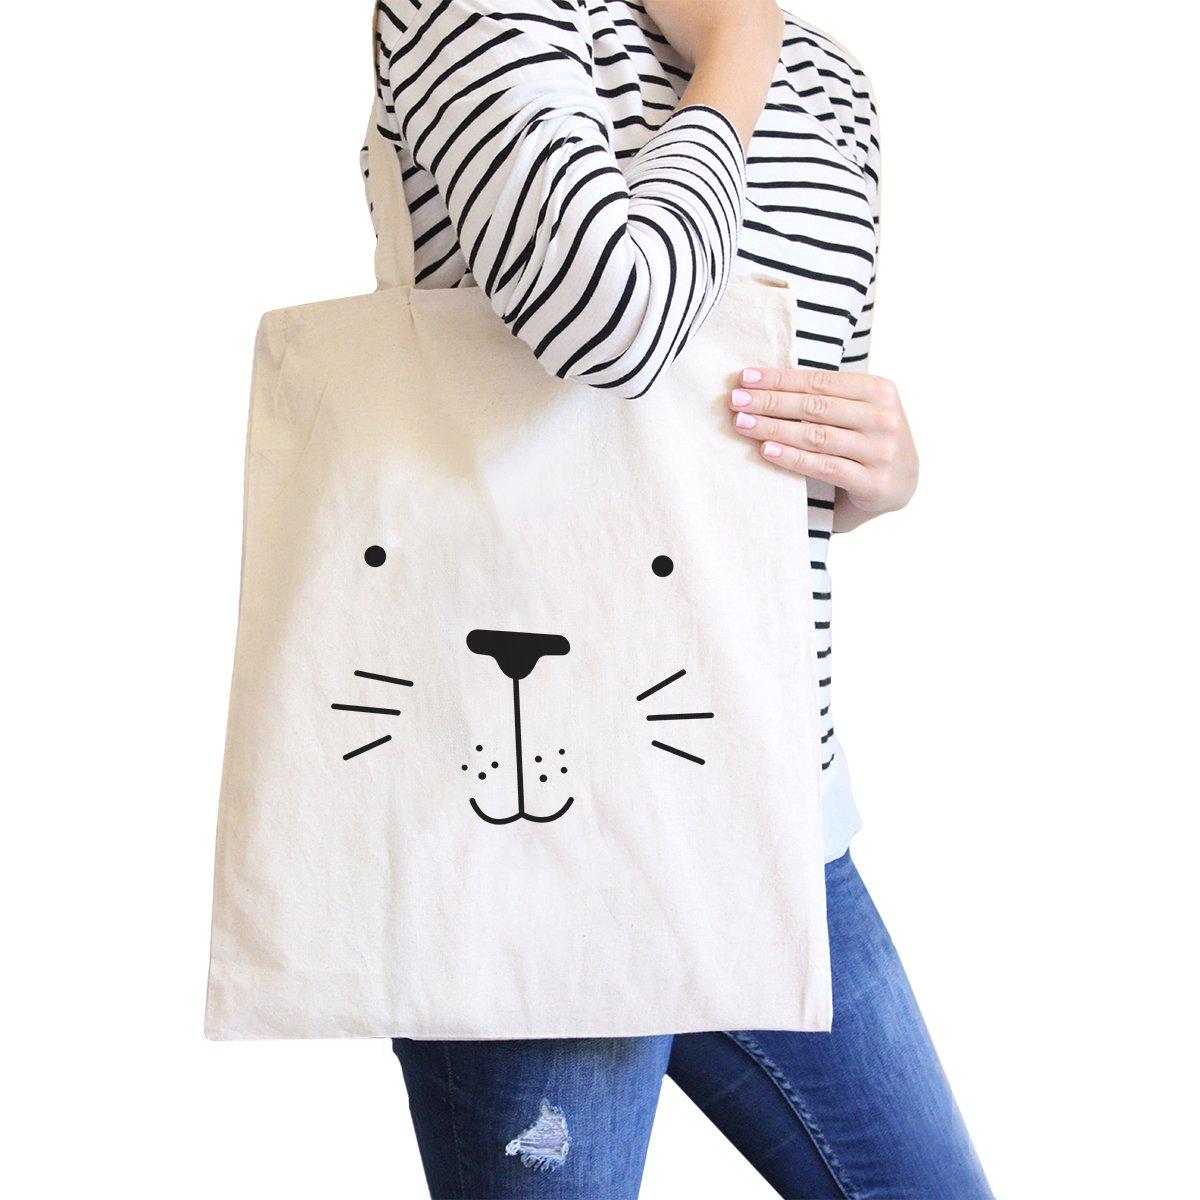 365 Printing Seal Cute Face Natural Canvas Bags Cute Design Printed Diaper Bags